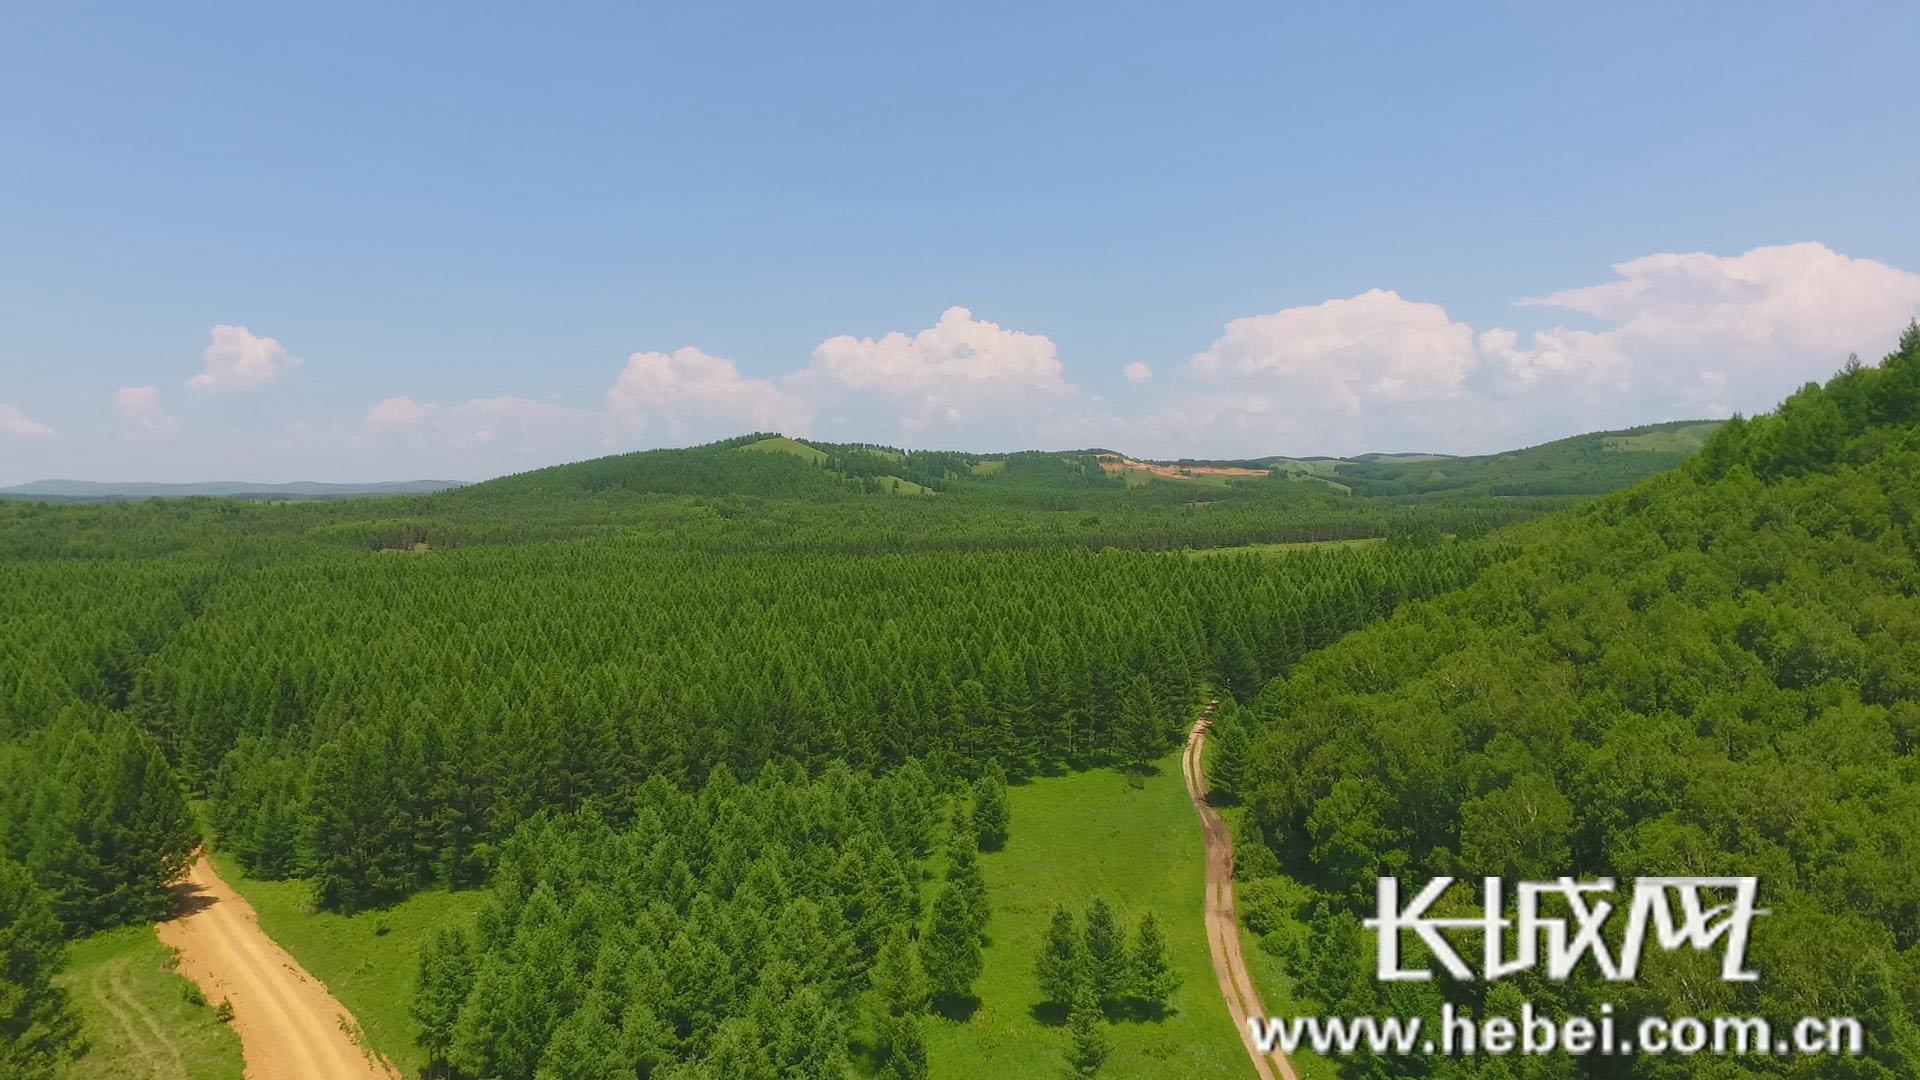 河北省森林面积已达9000万亩森林覆盖率32%